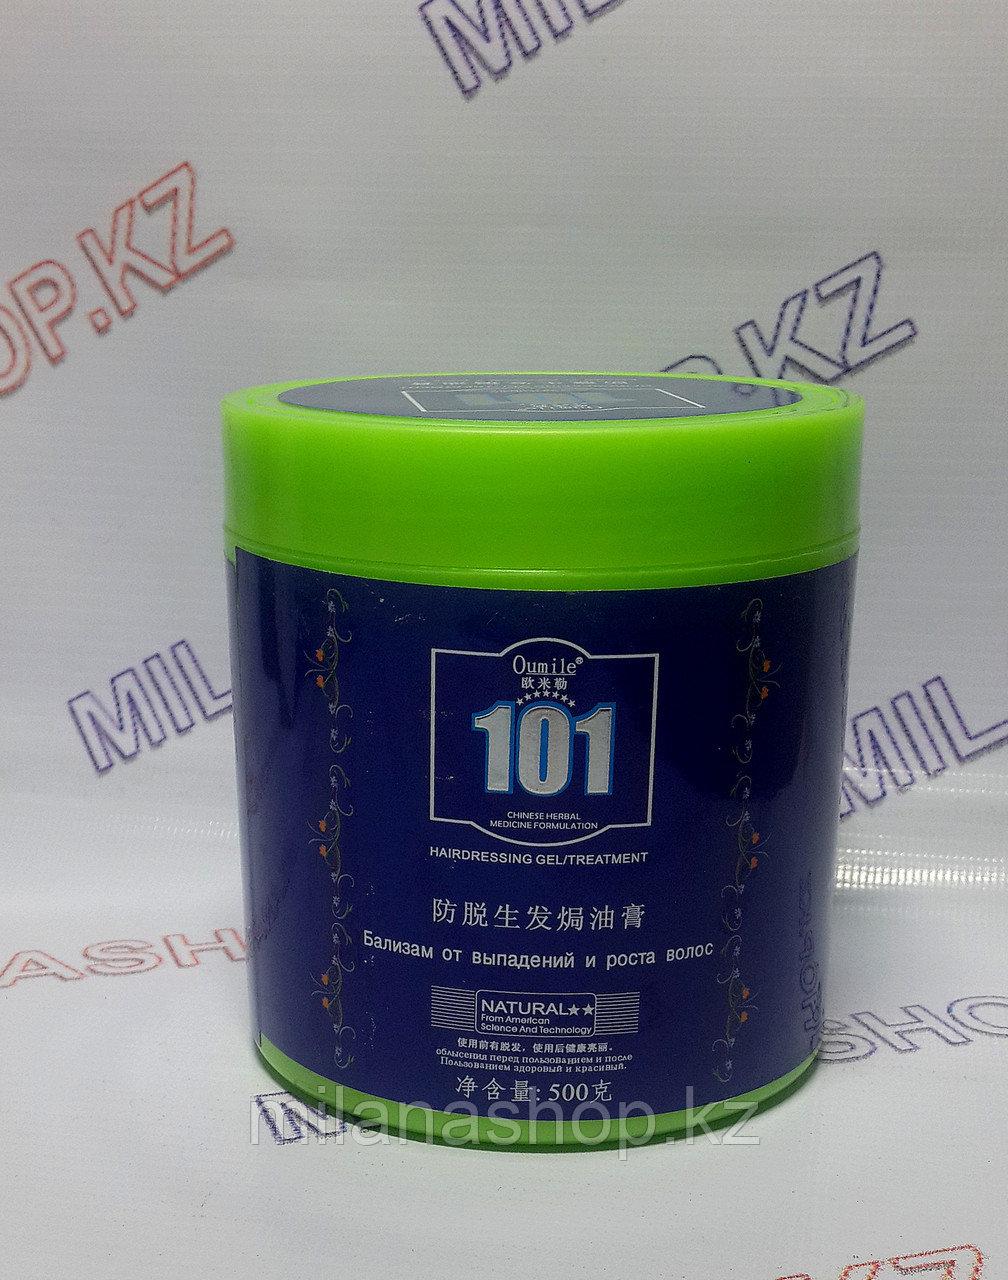 101 Oumile - Бальзам от выпадения для роста волос. Универсальный